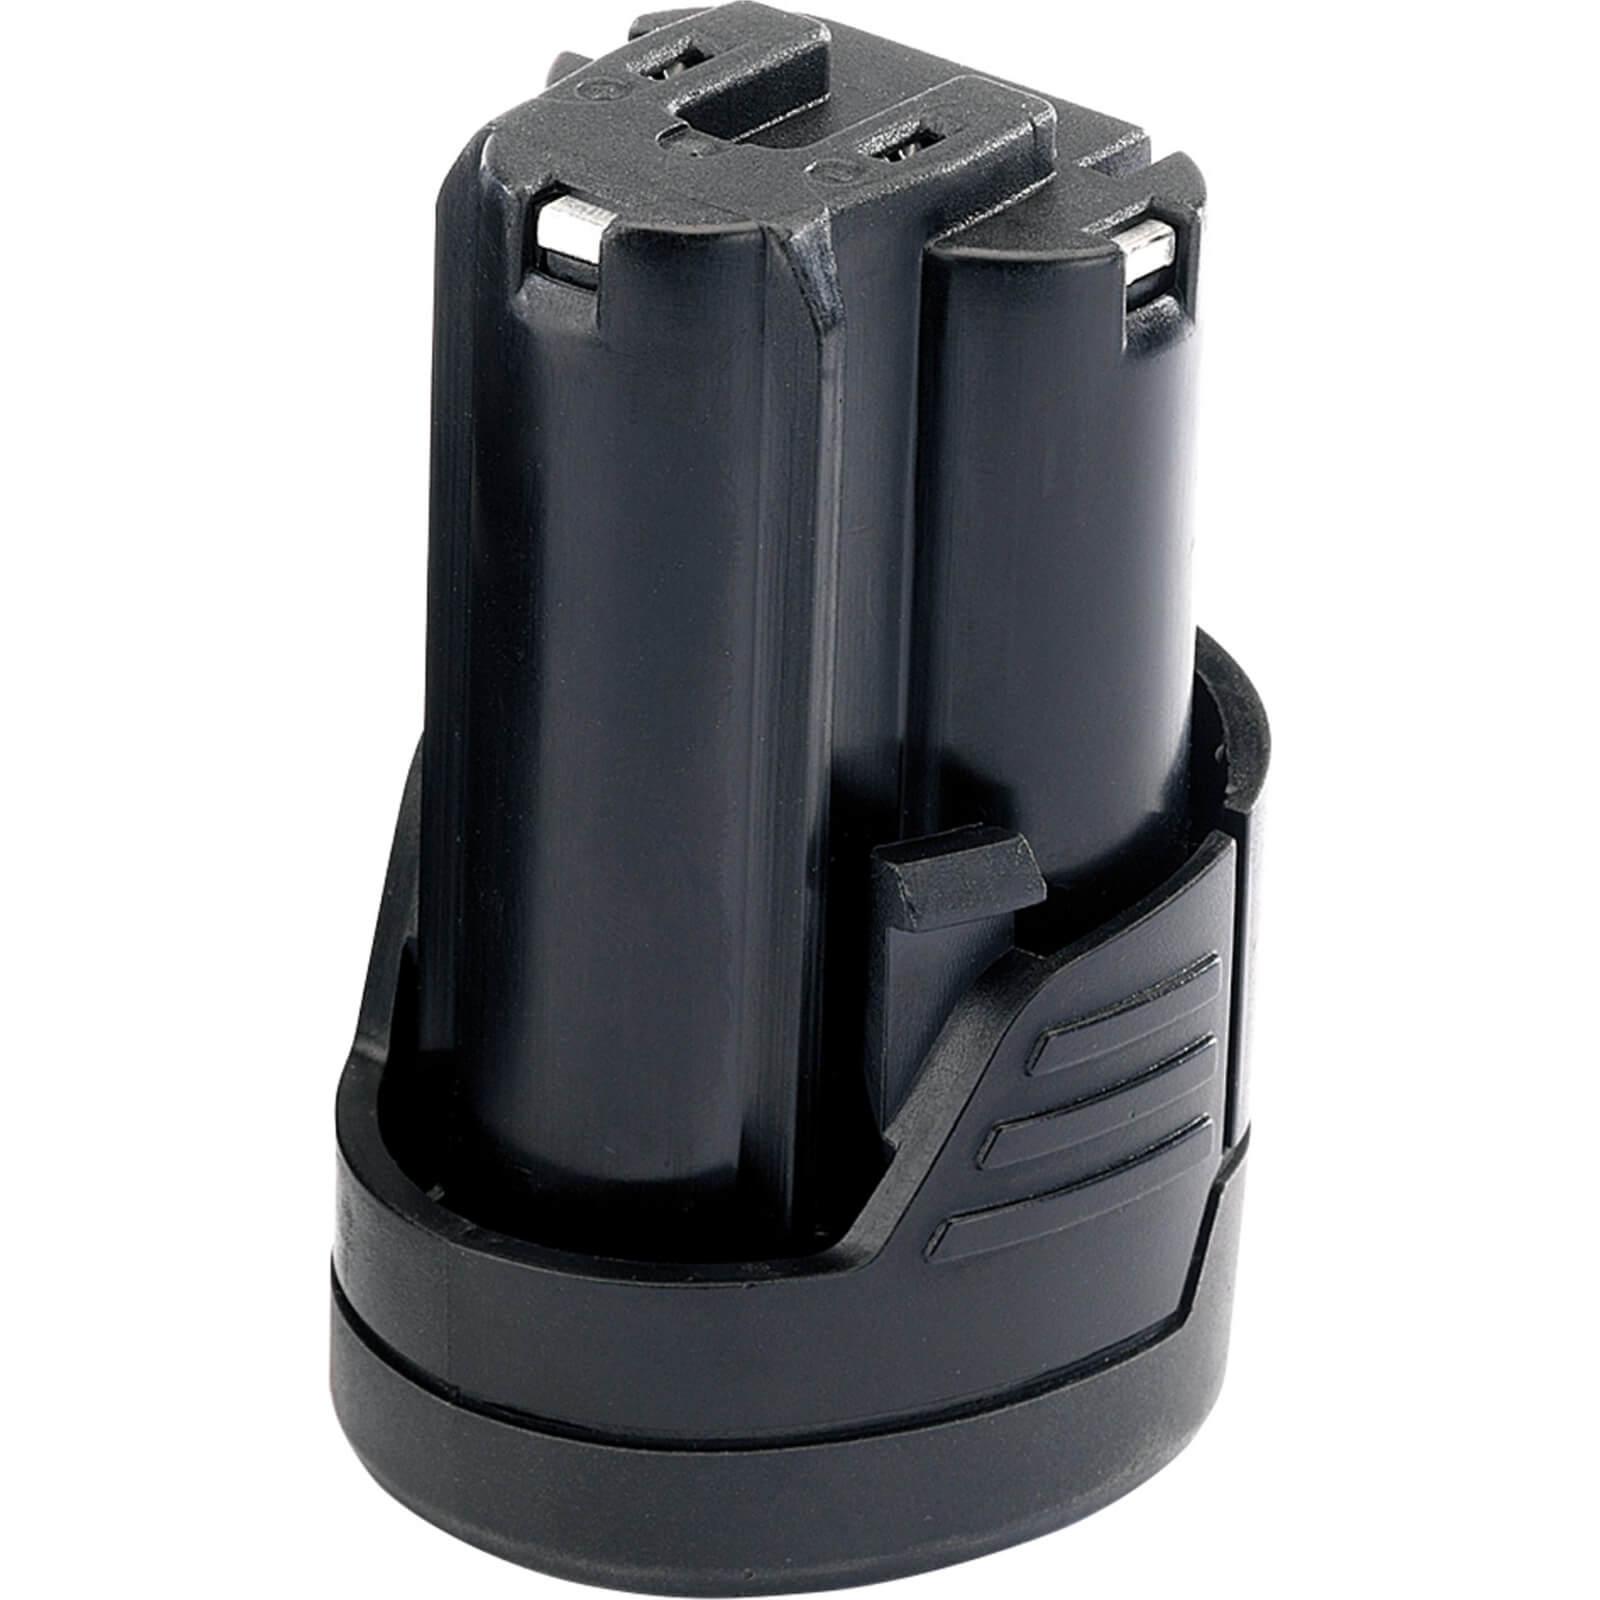 Image of Draper 10.8v Li-Ion Storm Force Battery 1.5ah